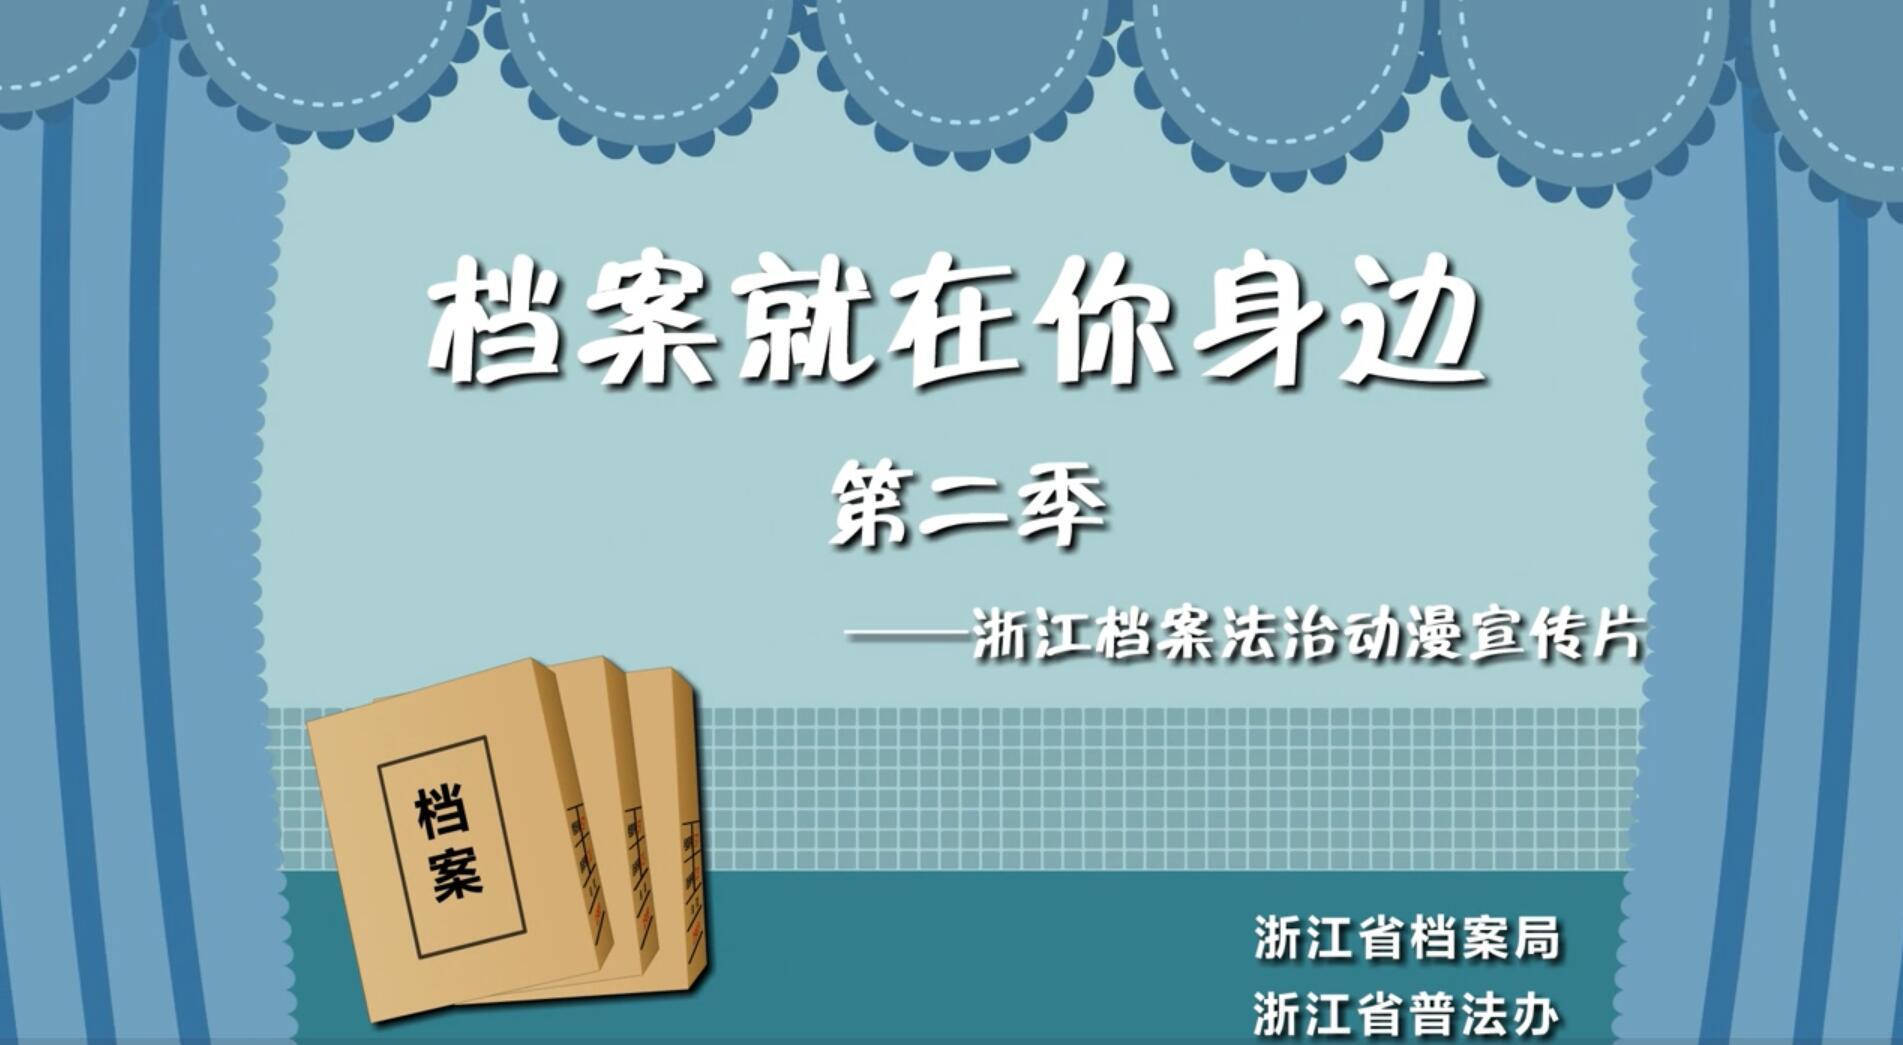 档案就在你身边(第二季)——浙江档案法治动漫宣传片